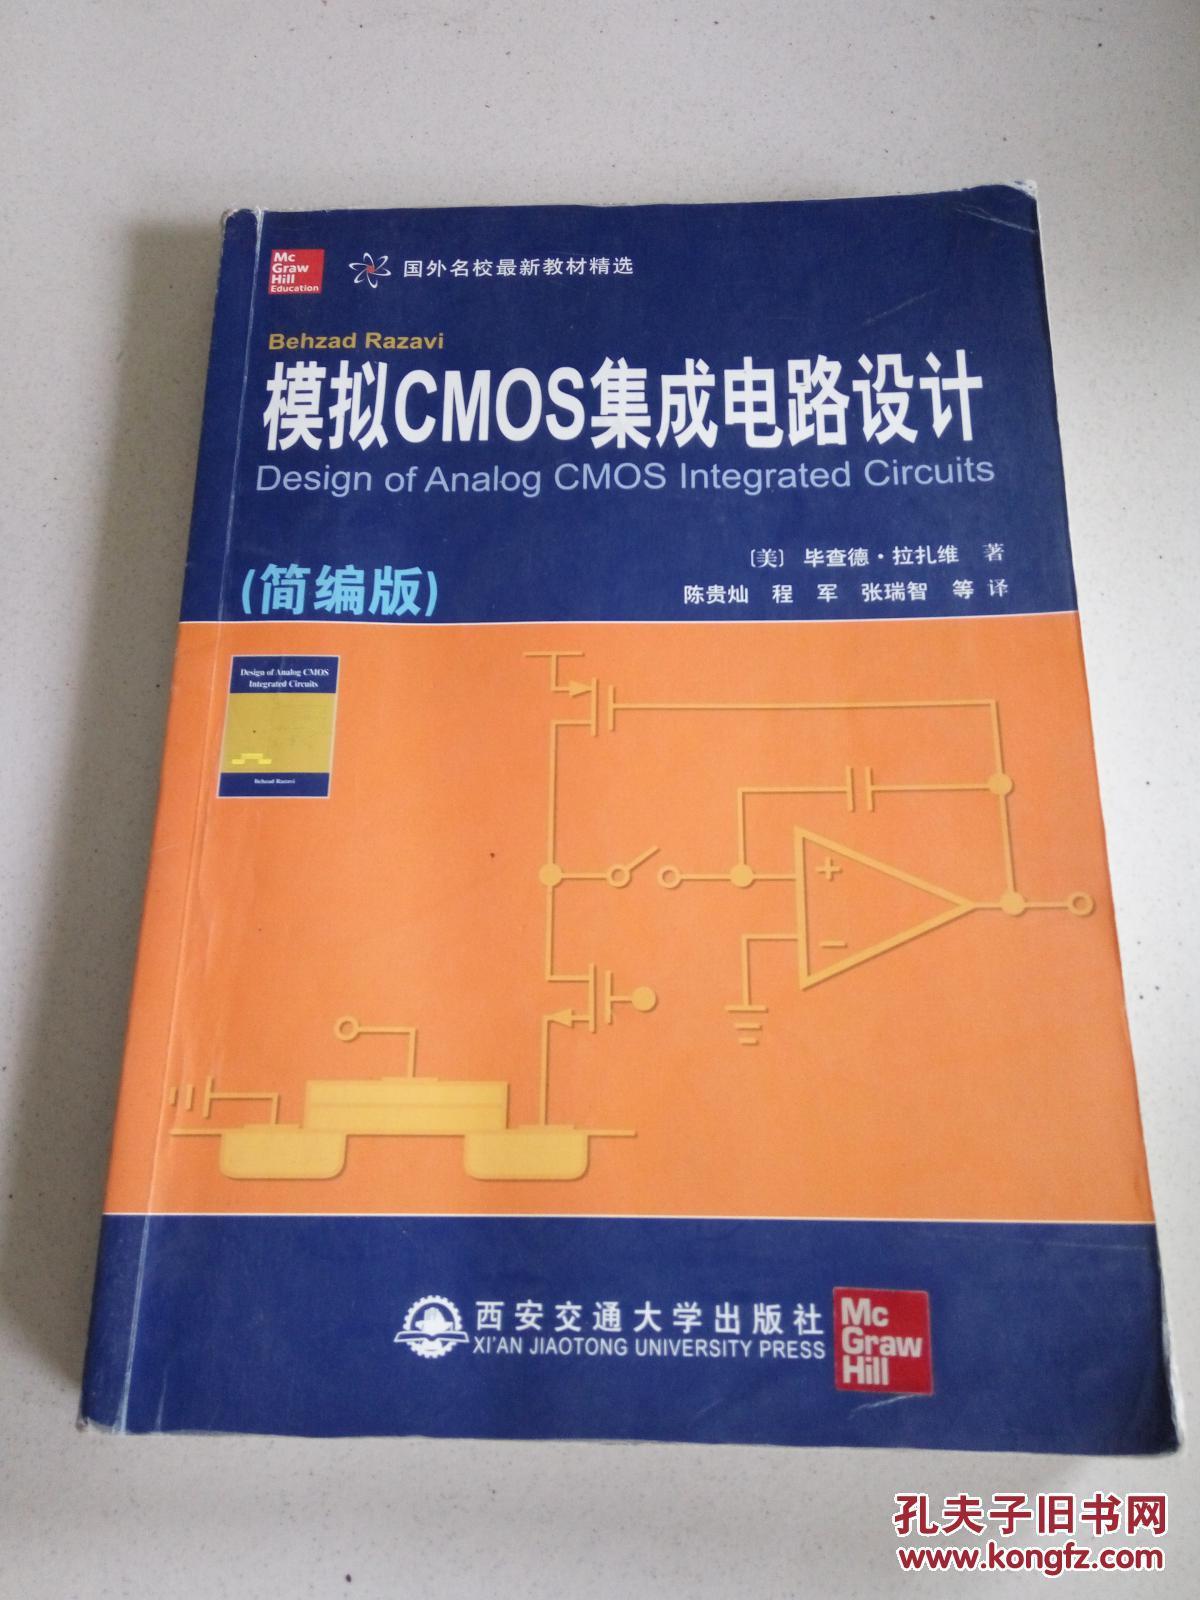 模拟cmos集成电路设计:简编版